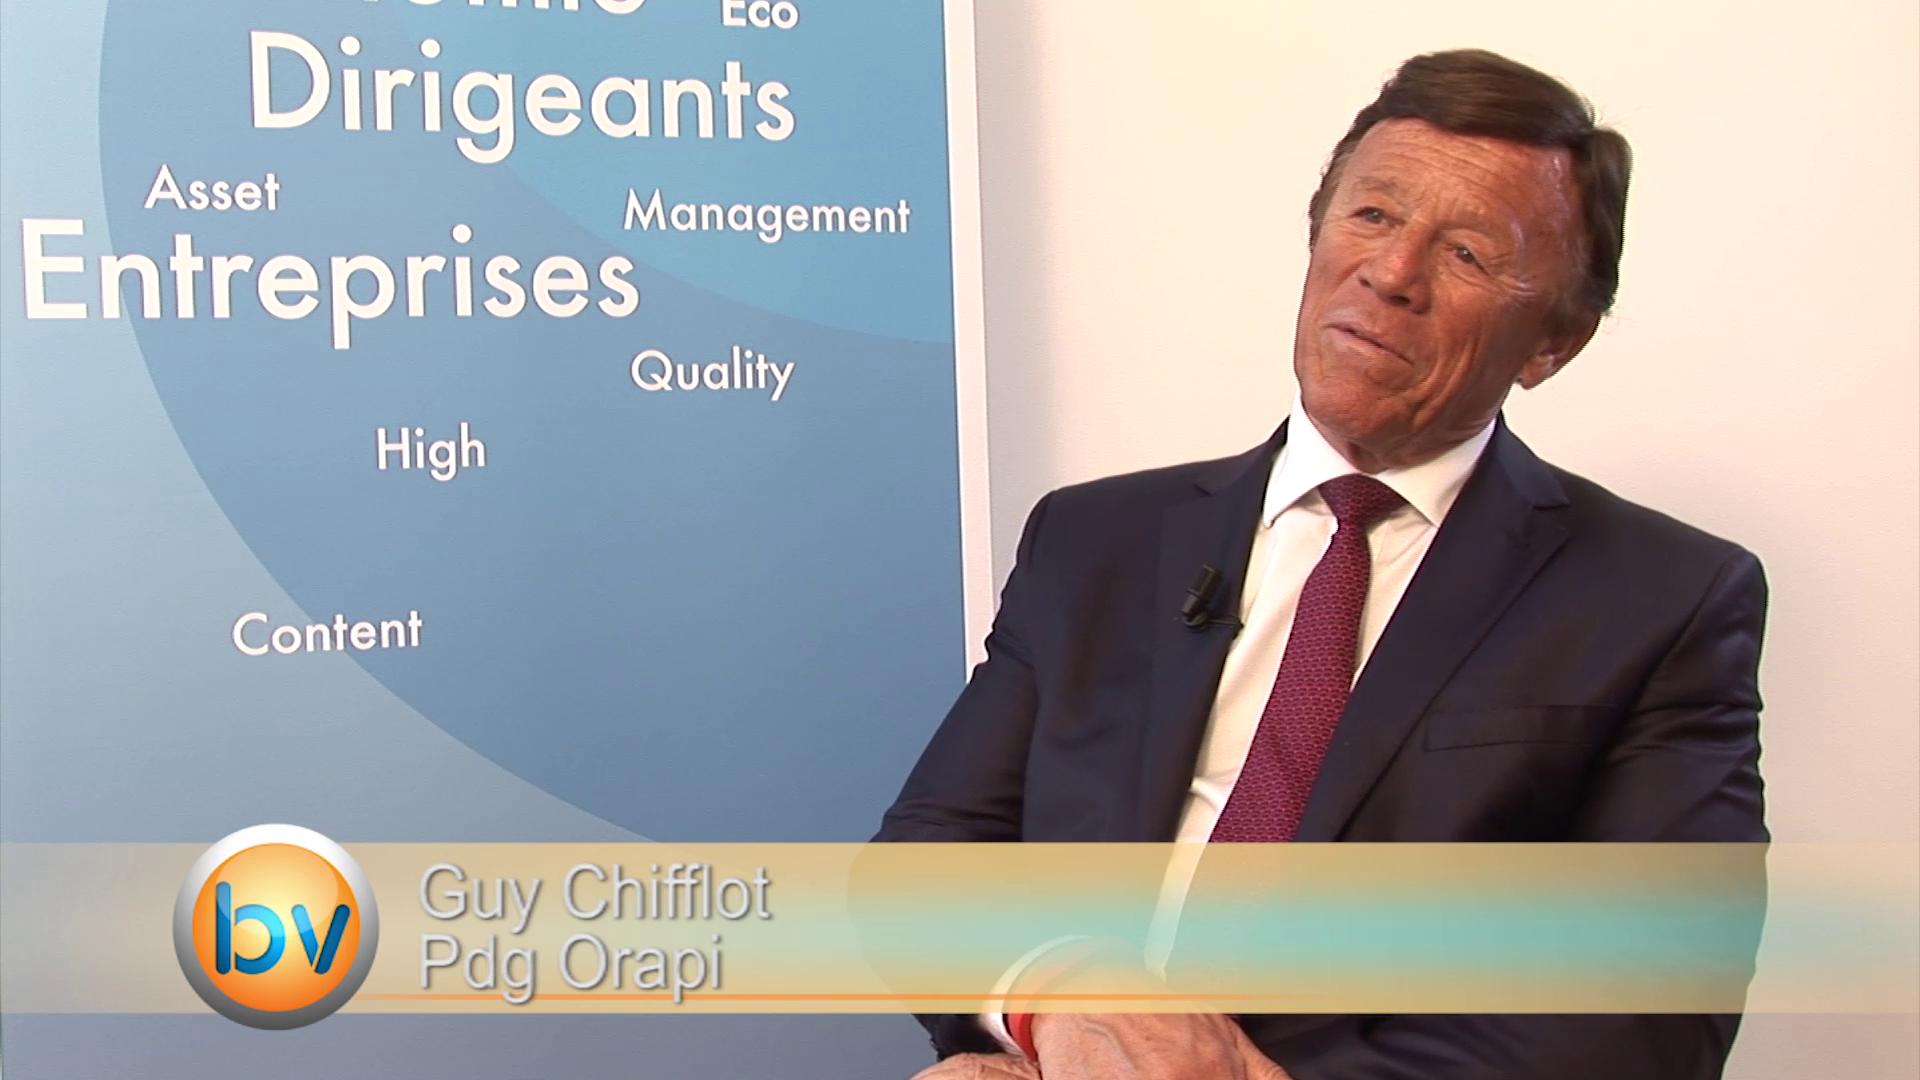 Guy Chifflot Pdg Orapi : «Nous voulons doubler notre chiffre d'affaires à l'international»